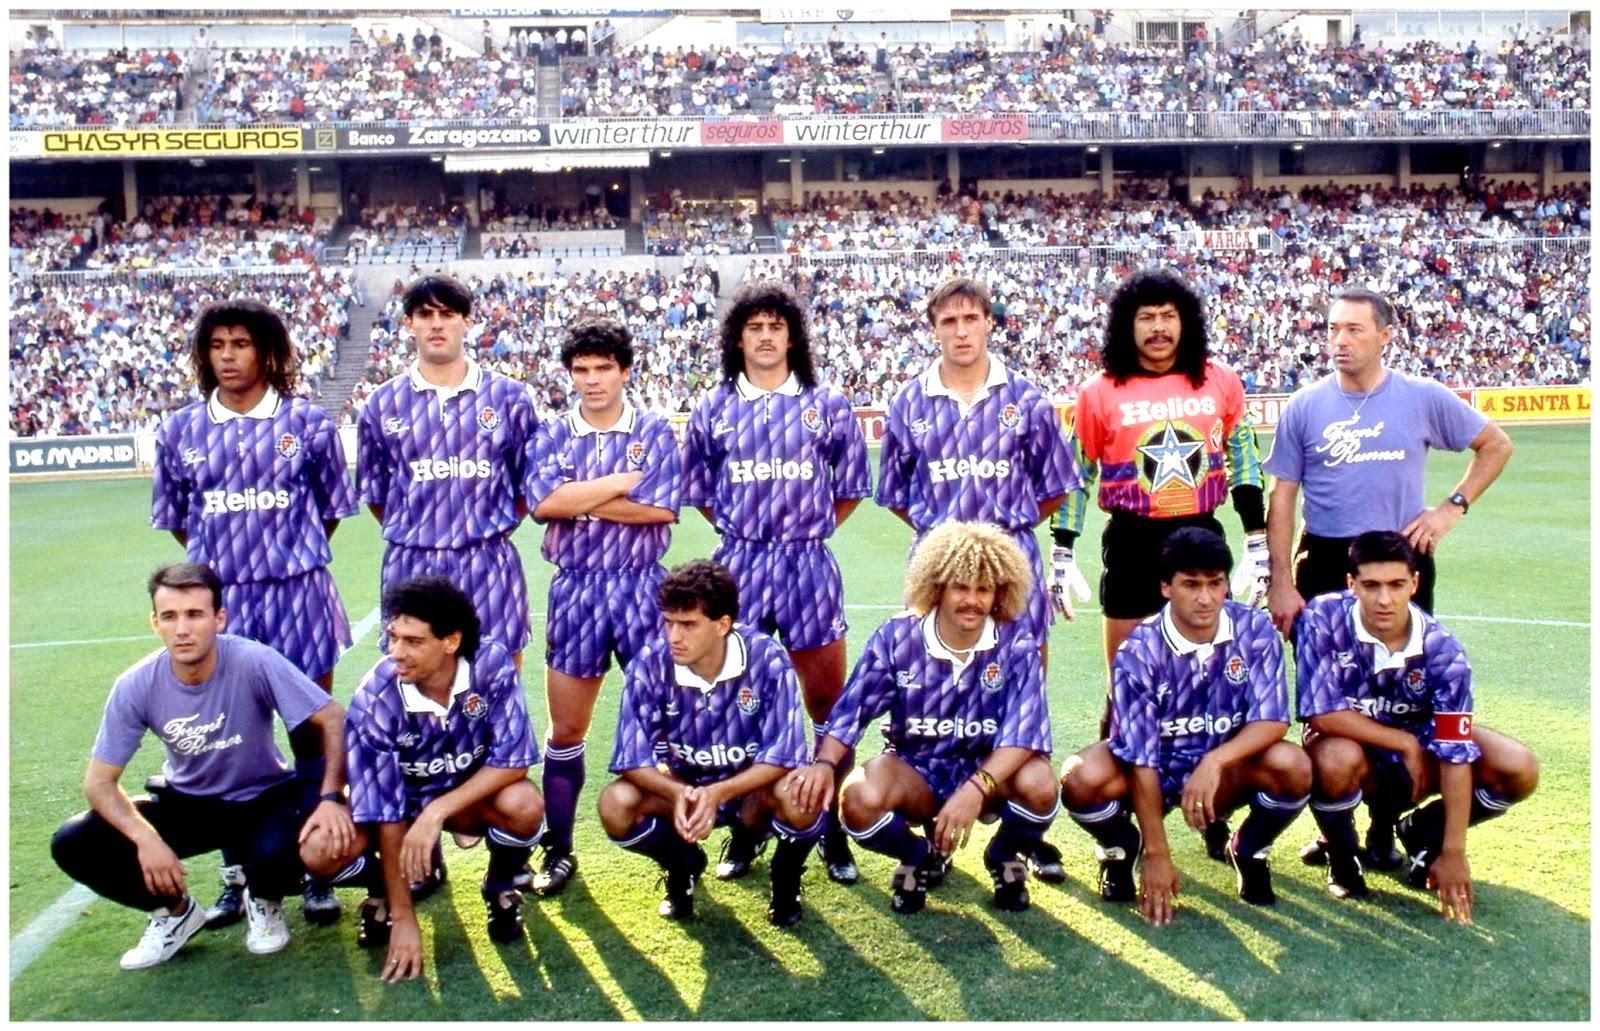 Equipos de f tbol real valladolid contra real madrid 08 09 1991 - Fotos del real valladolid ...